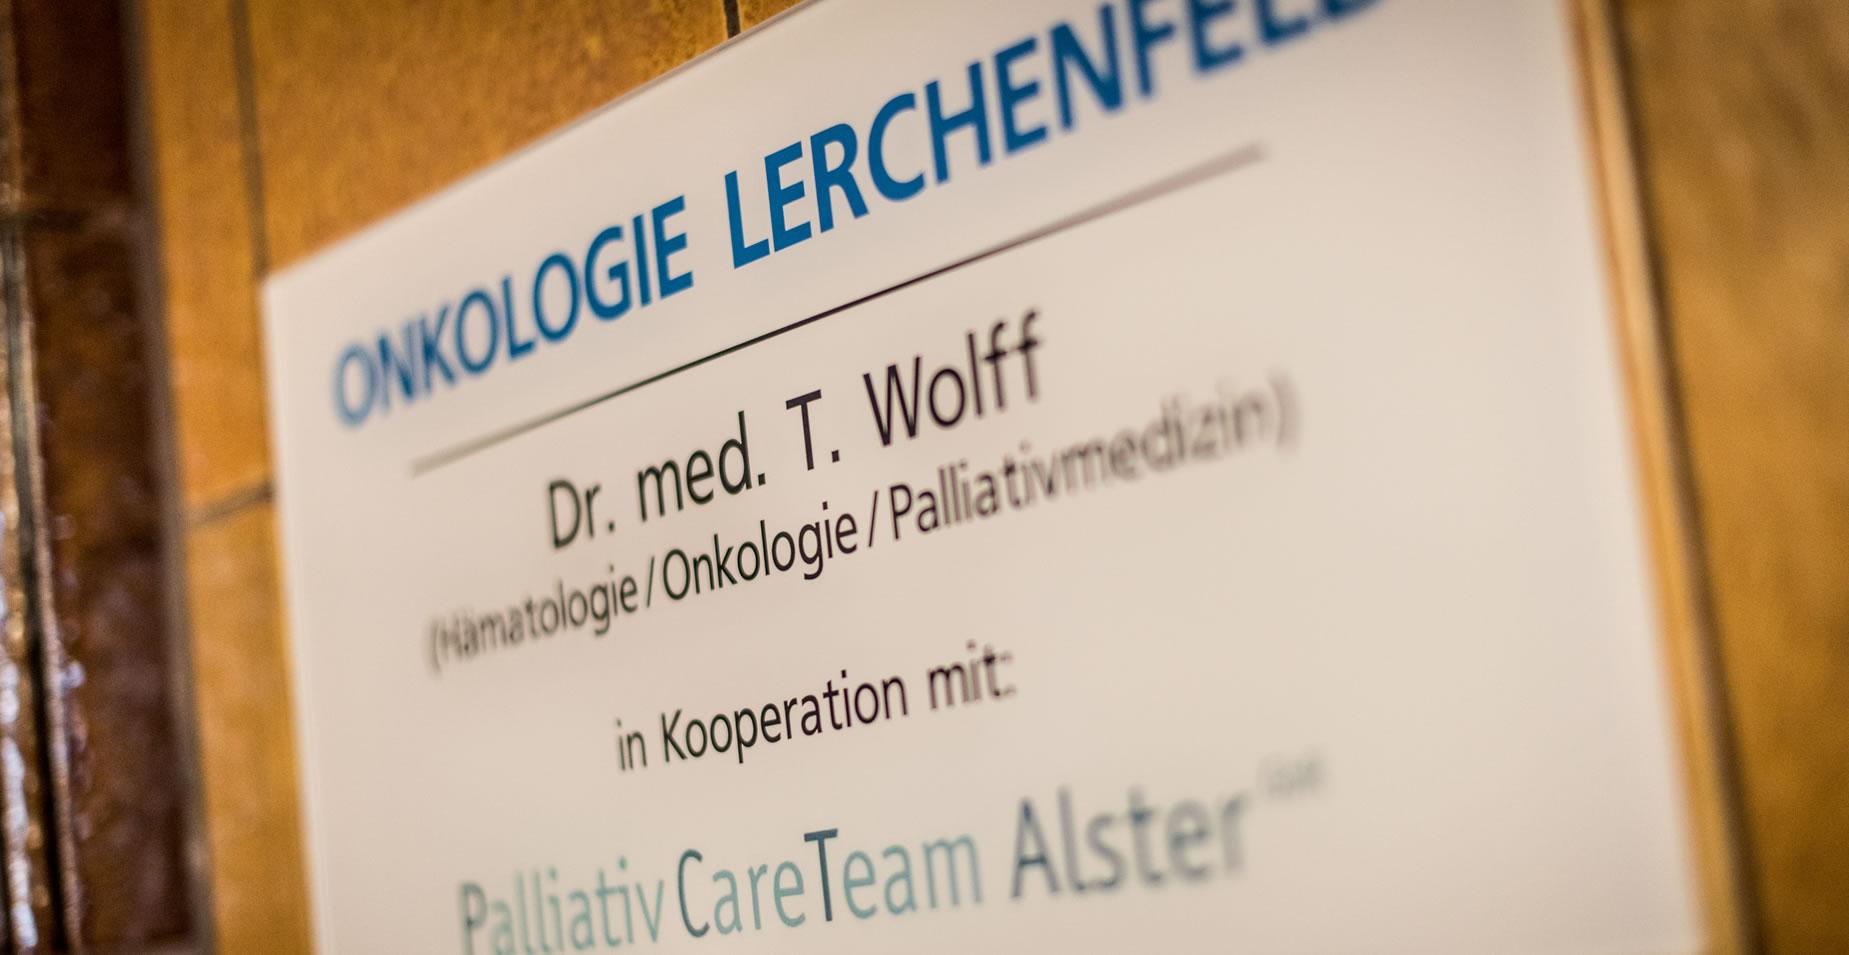 onkologie hamburg lerchenfeld